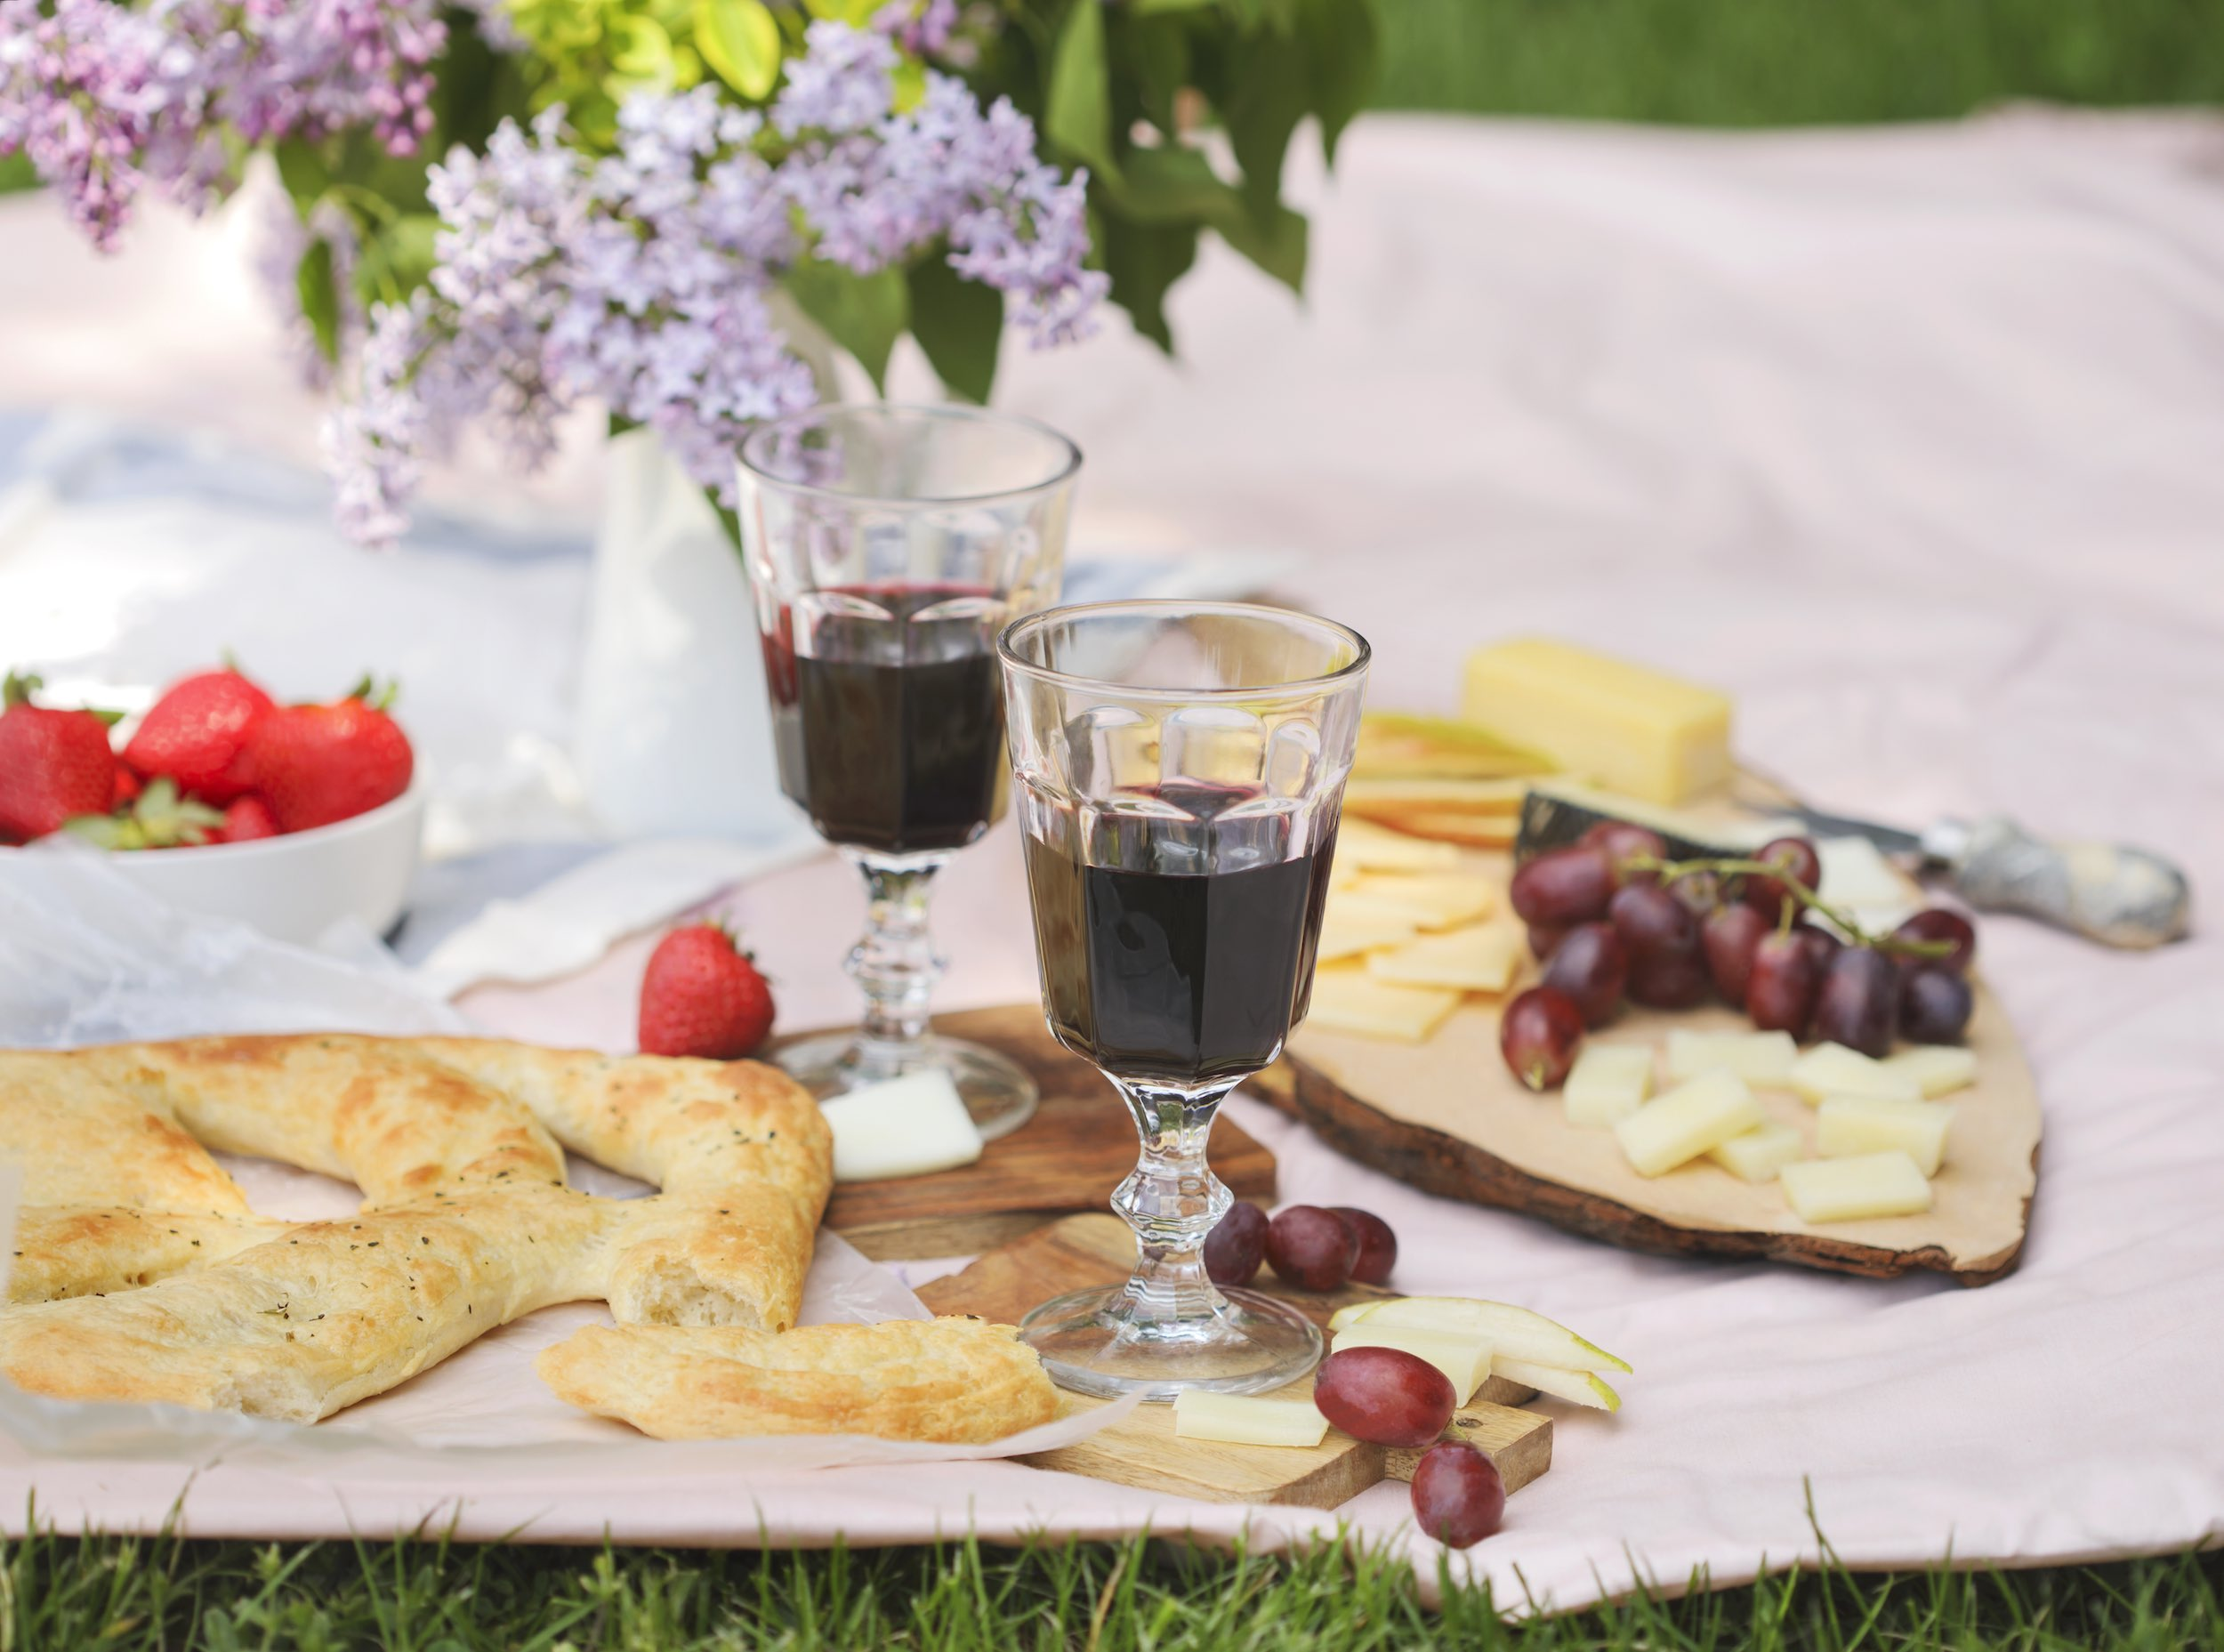 Picknick im Park mit Käse, Brot, Wein und Obst.